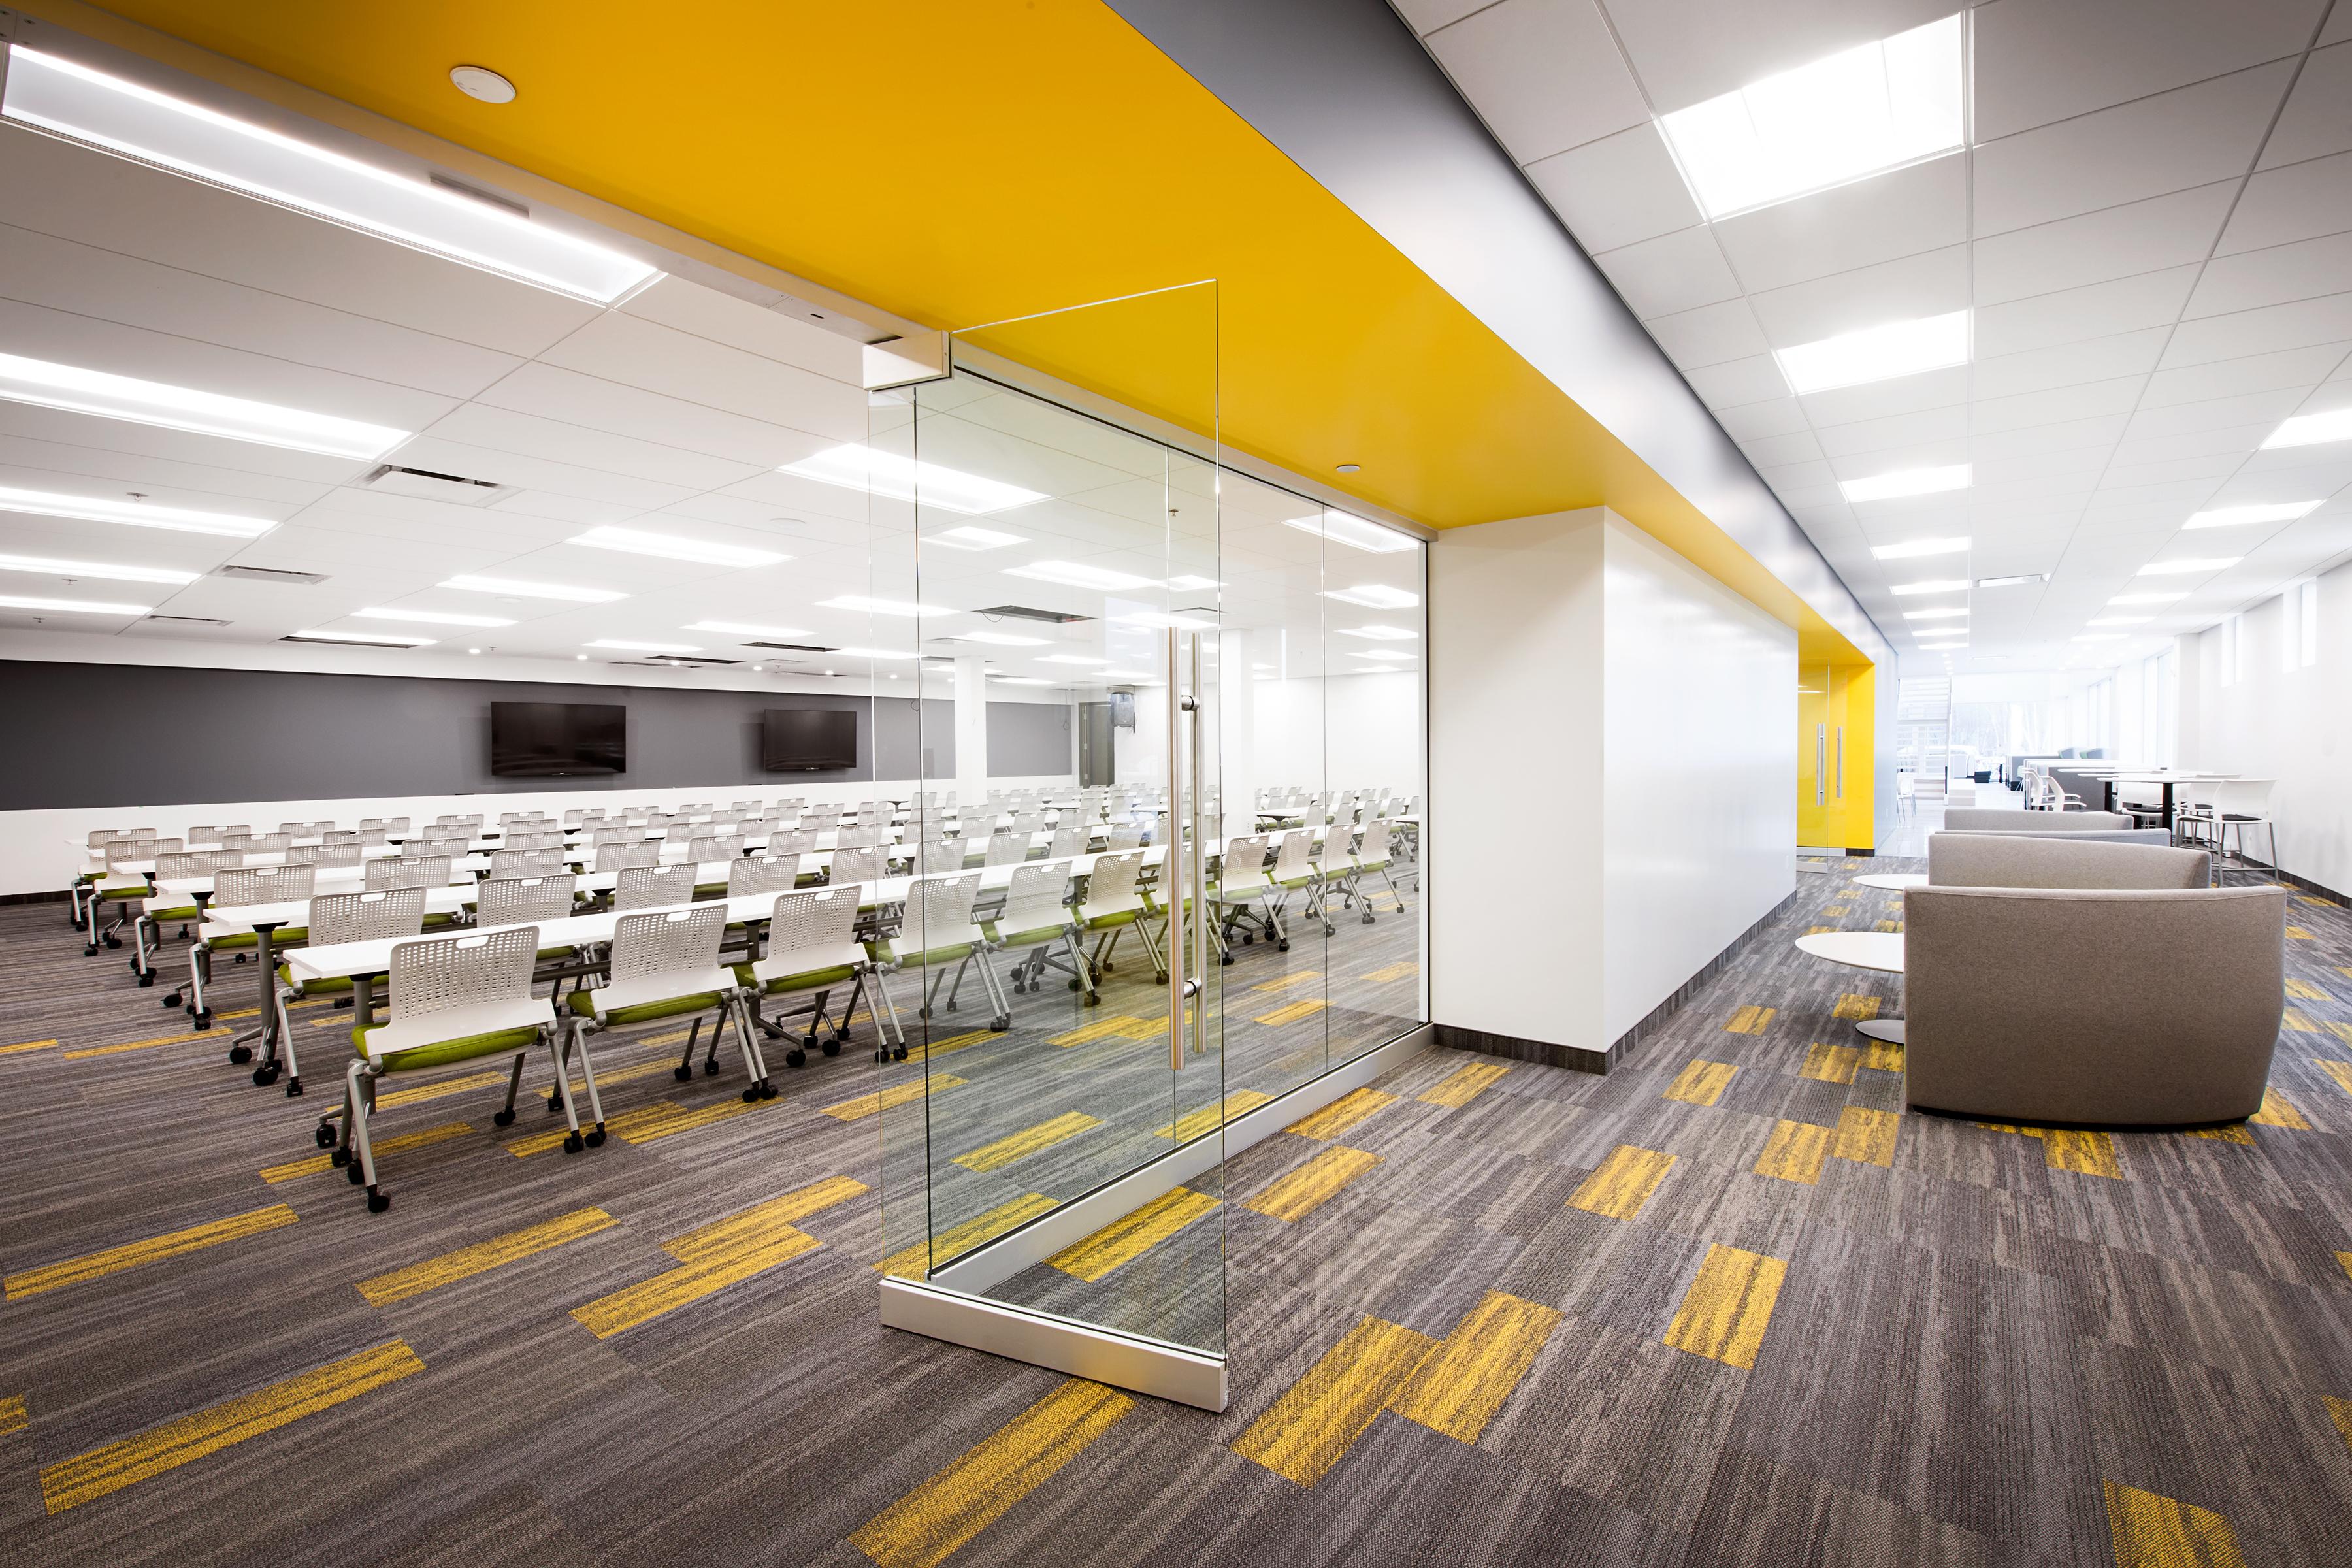 Notre formule pour le design et construction des espaces de bureau